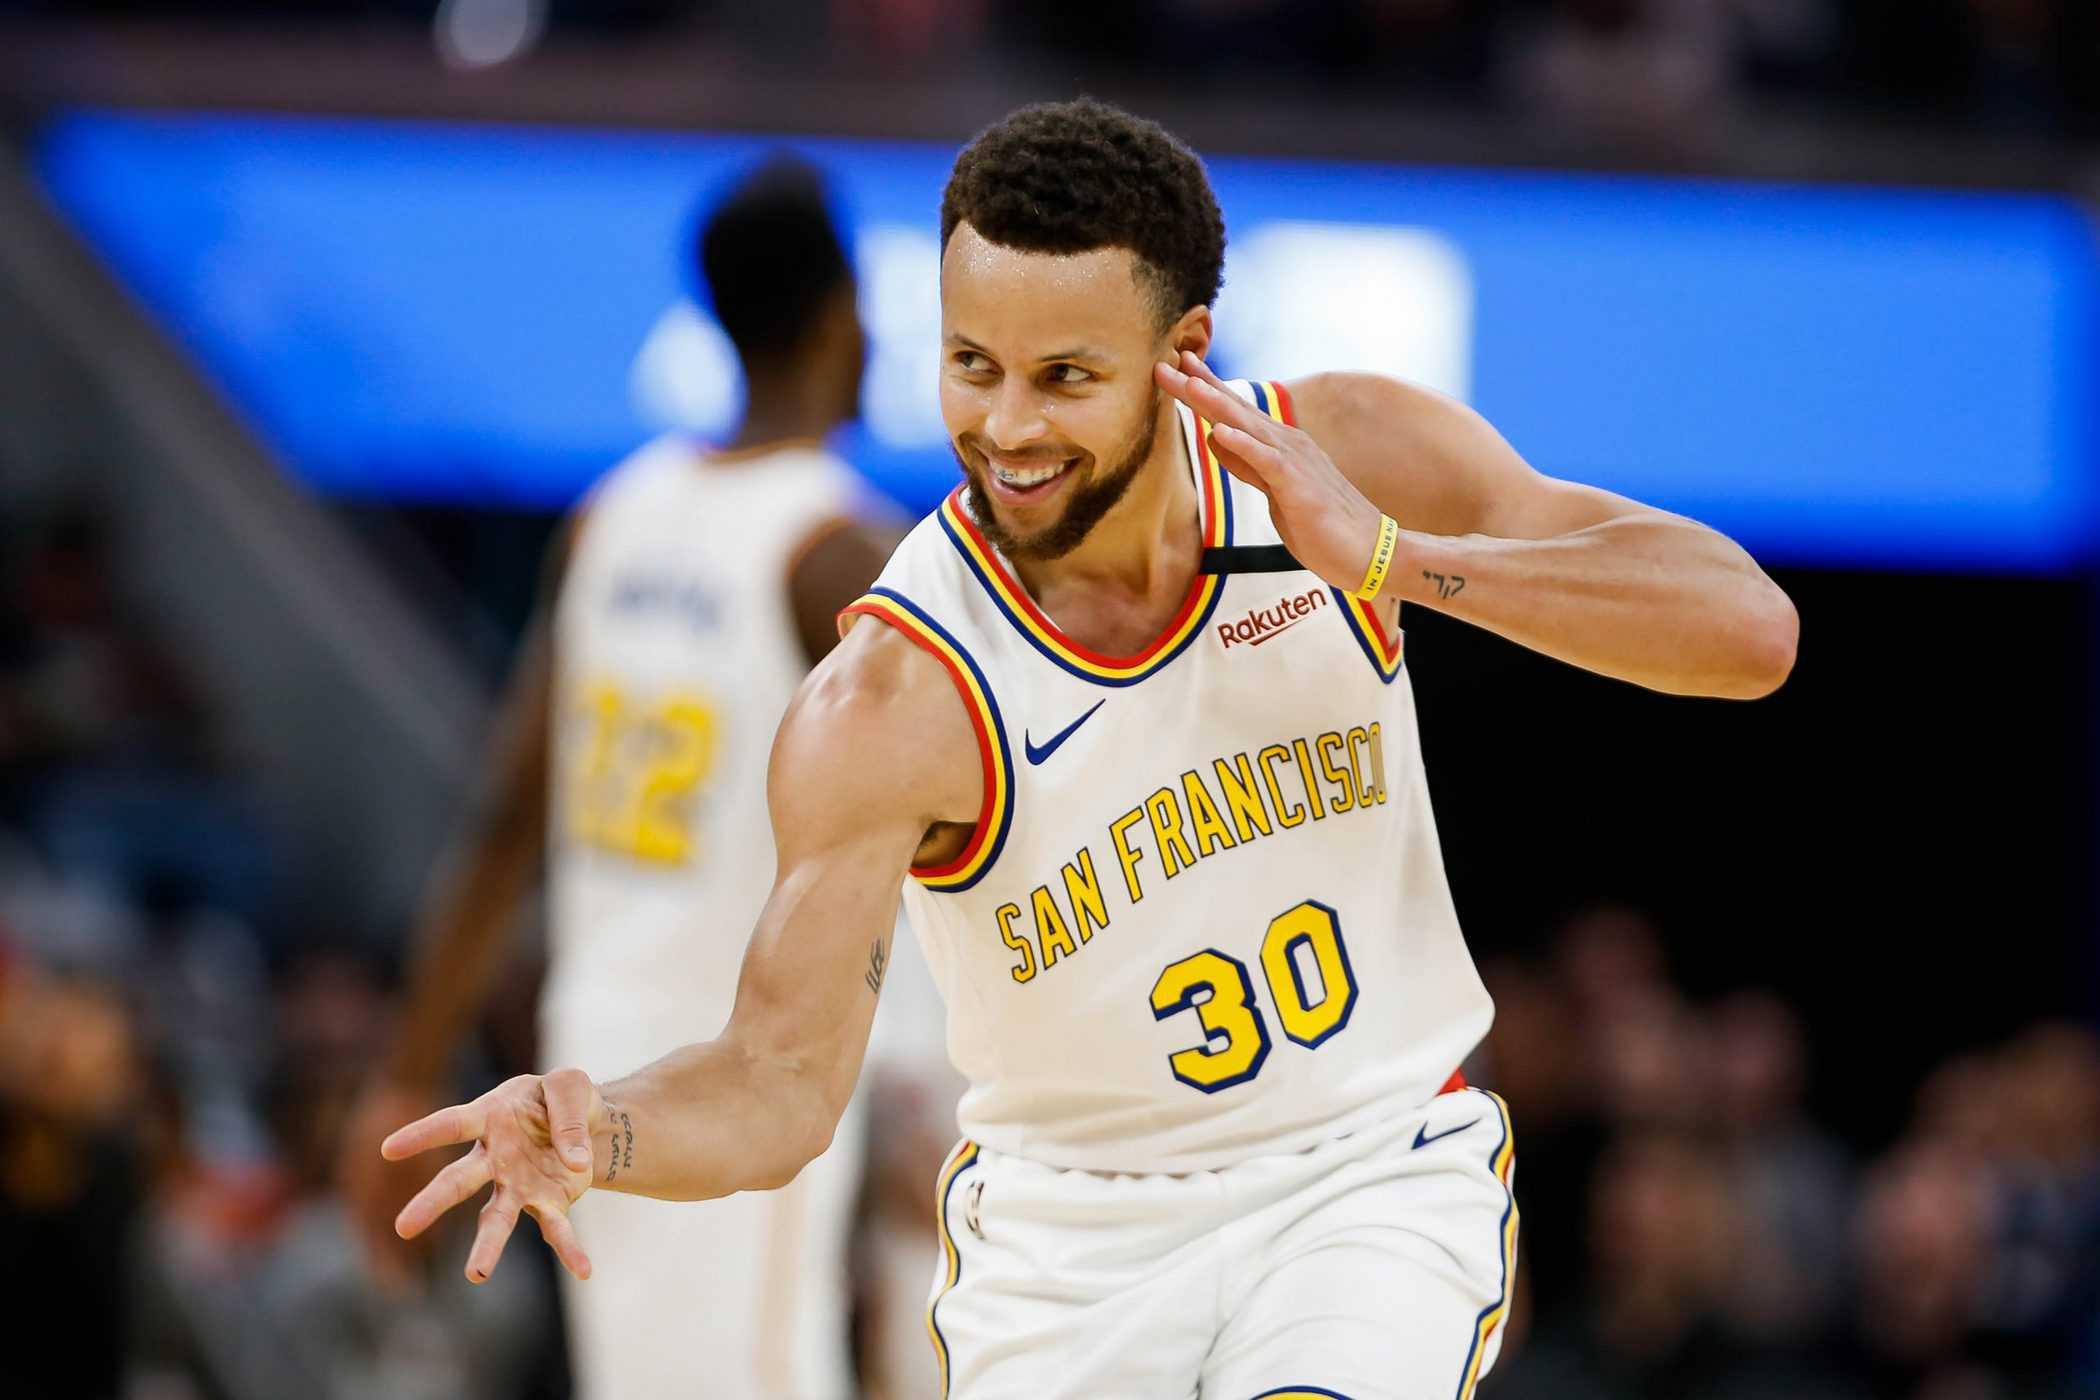 Basketballncaa - Stephen Curry